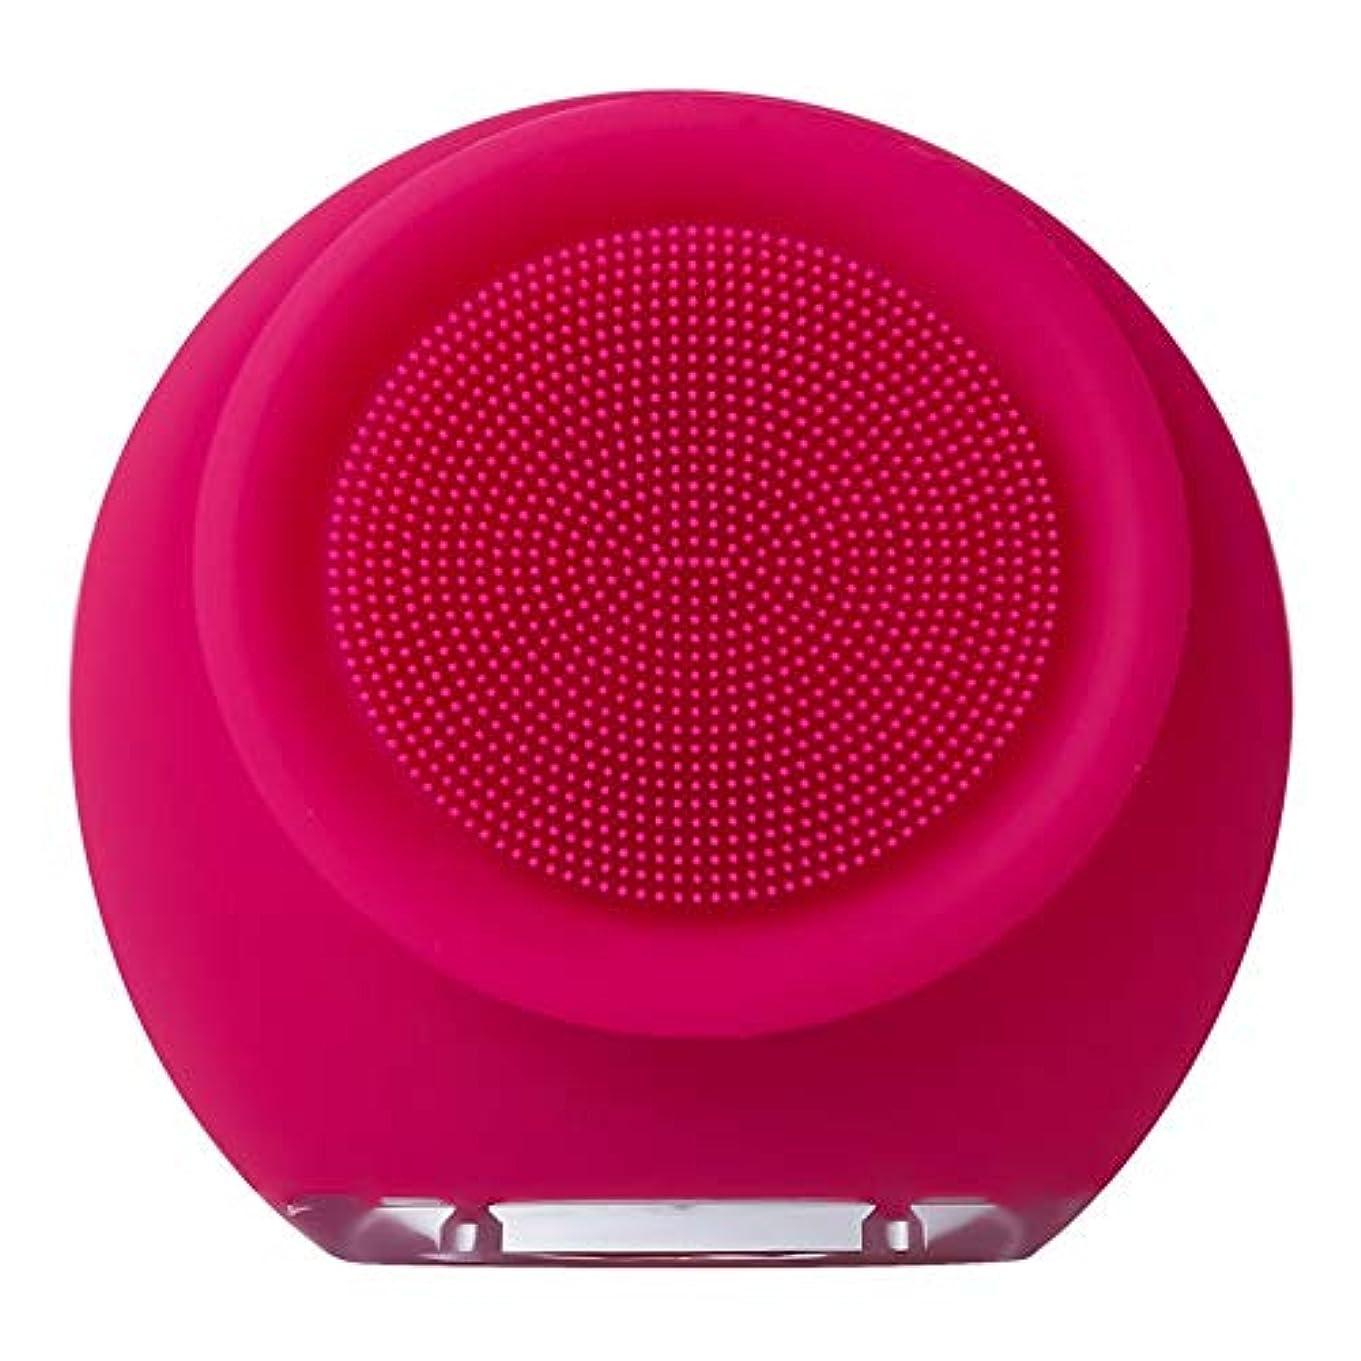 吐くオフセット南東ZHILI フェイスクリーナー防水電動フェイスクレンザーシリコンフェイシャルブラシマッサージャー削除肌にきびにきび毛穴美容ツール (Color : Pink2)